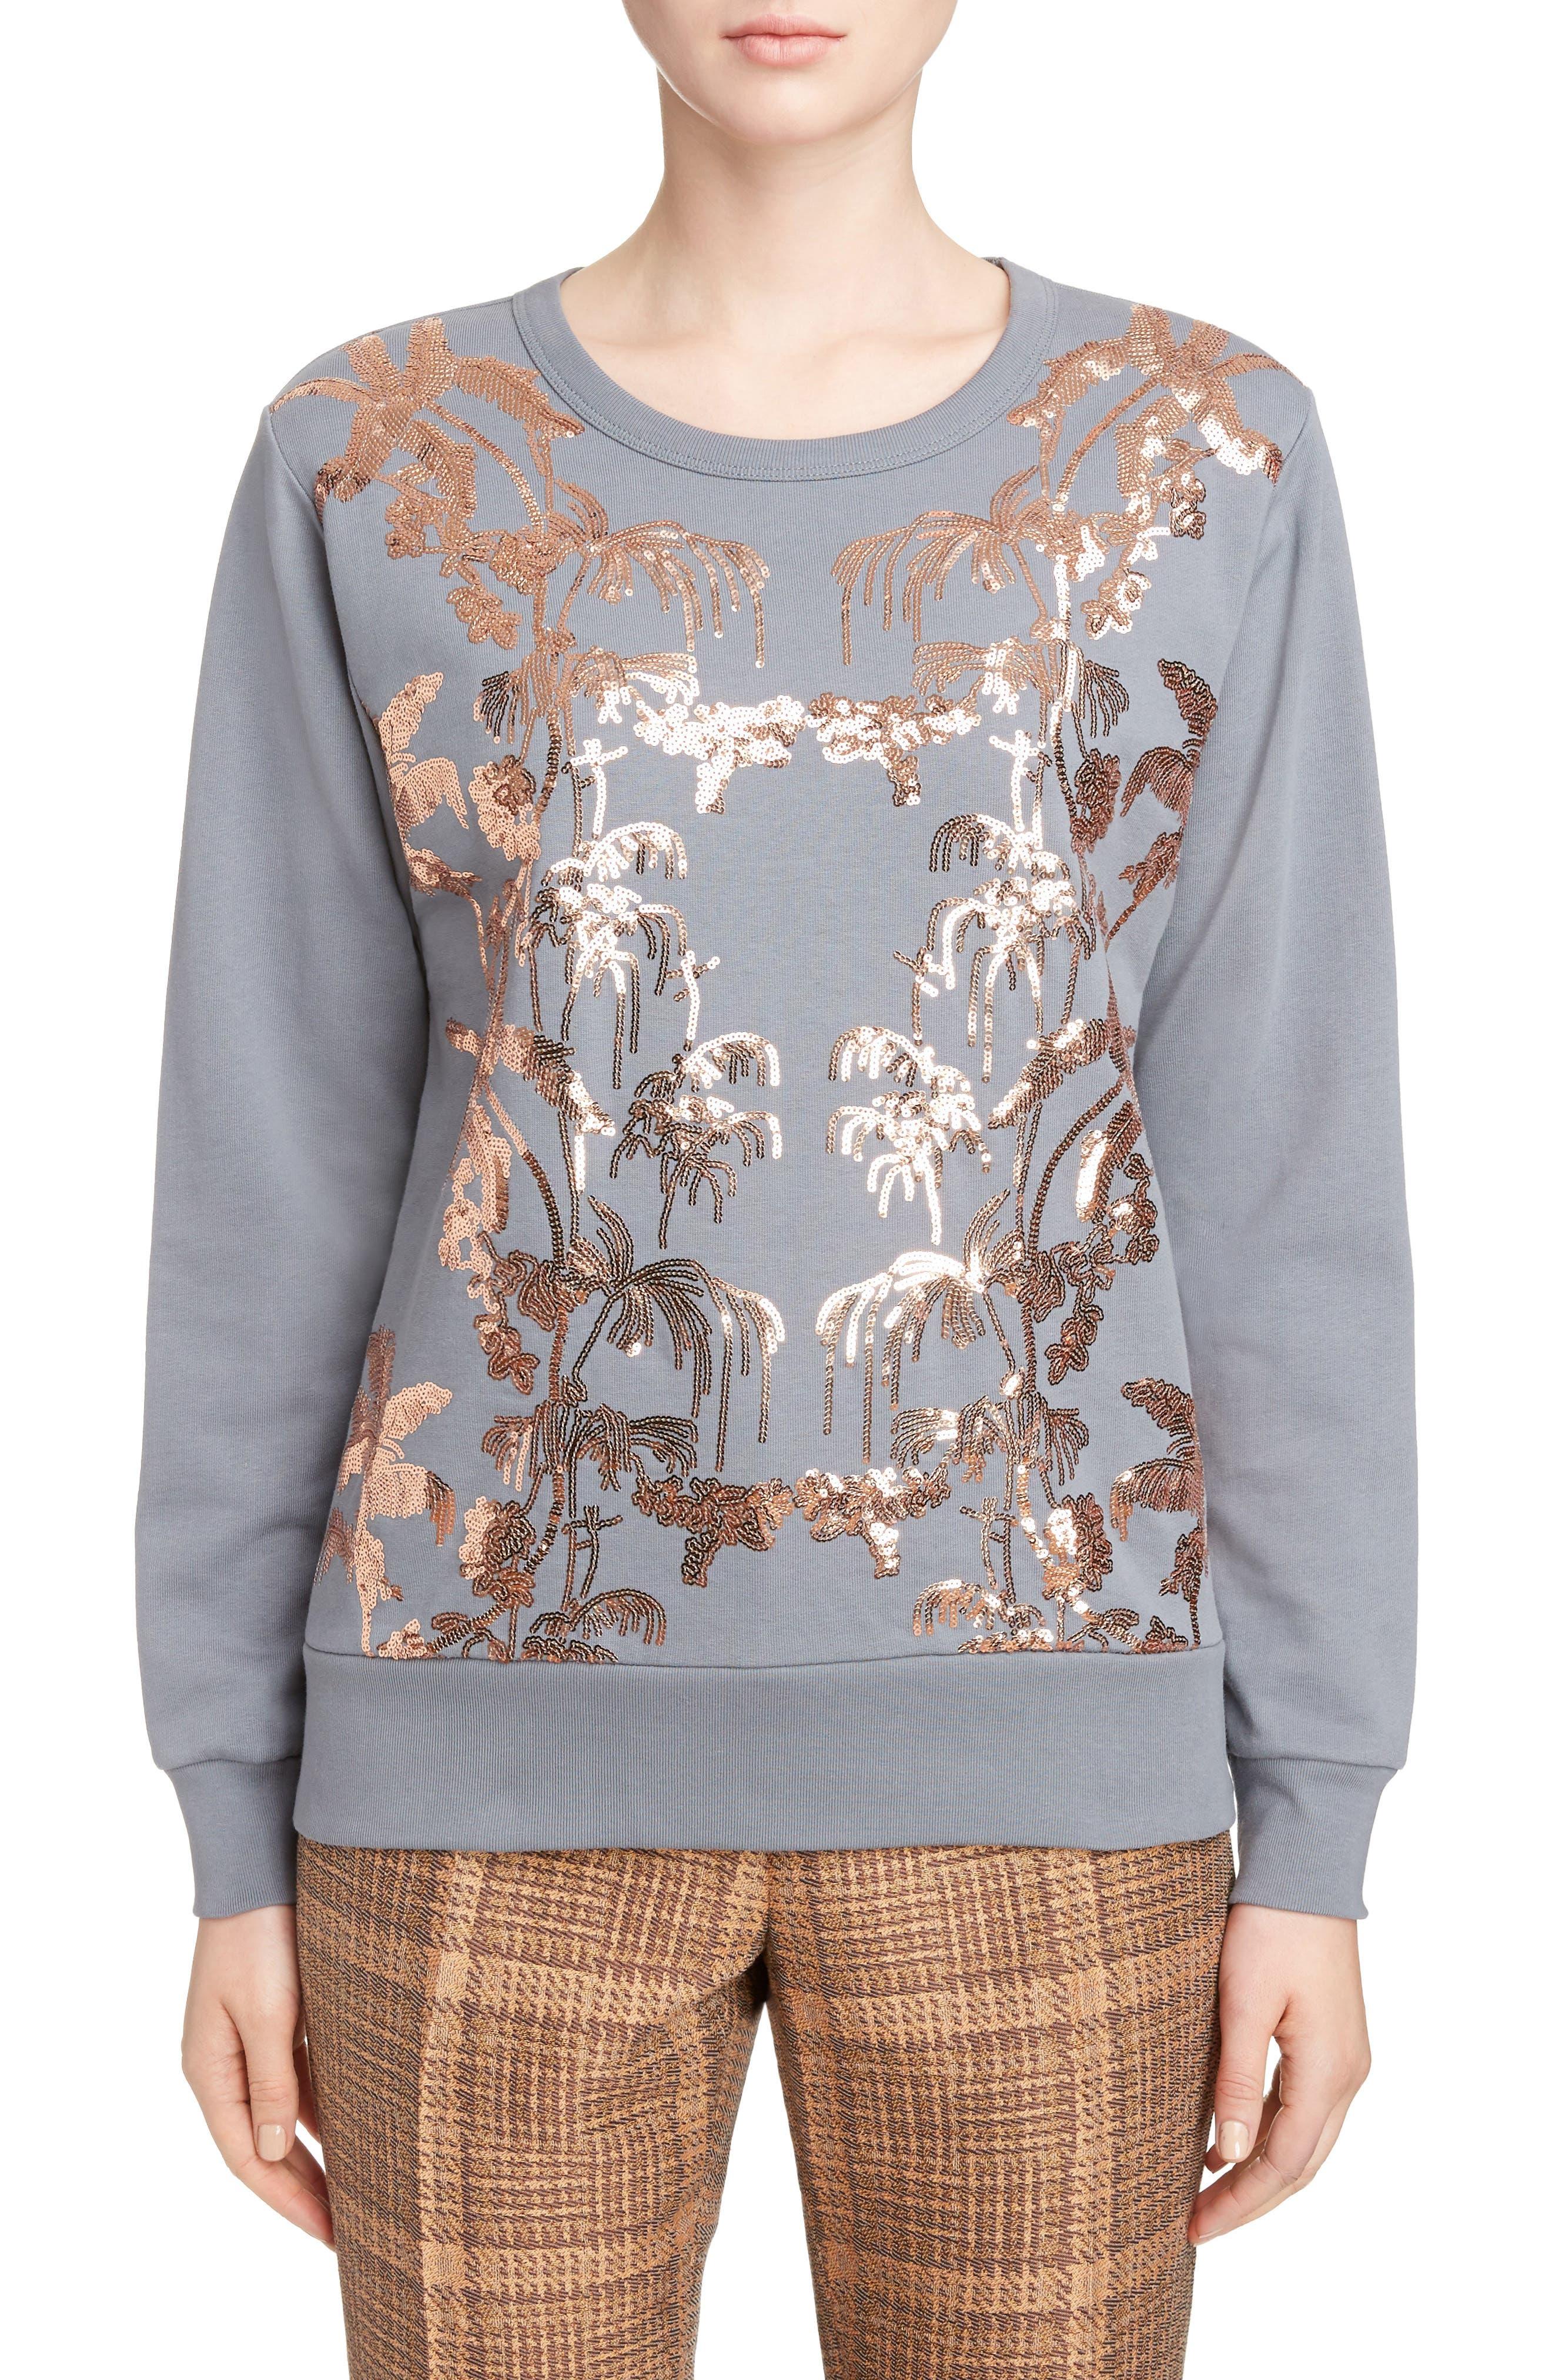 Dries Van Noten Sequin Embellished Sweatshirt